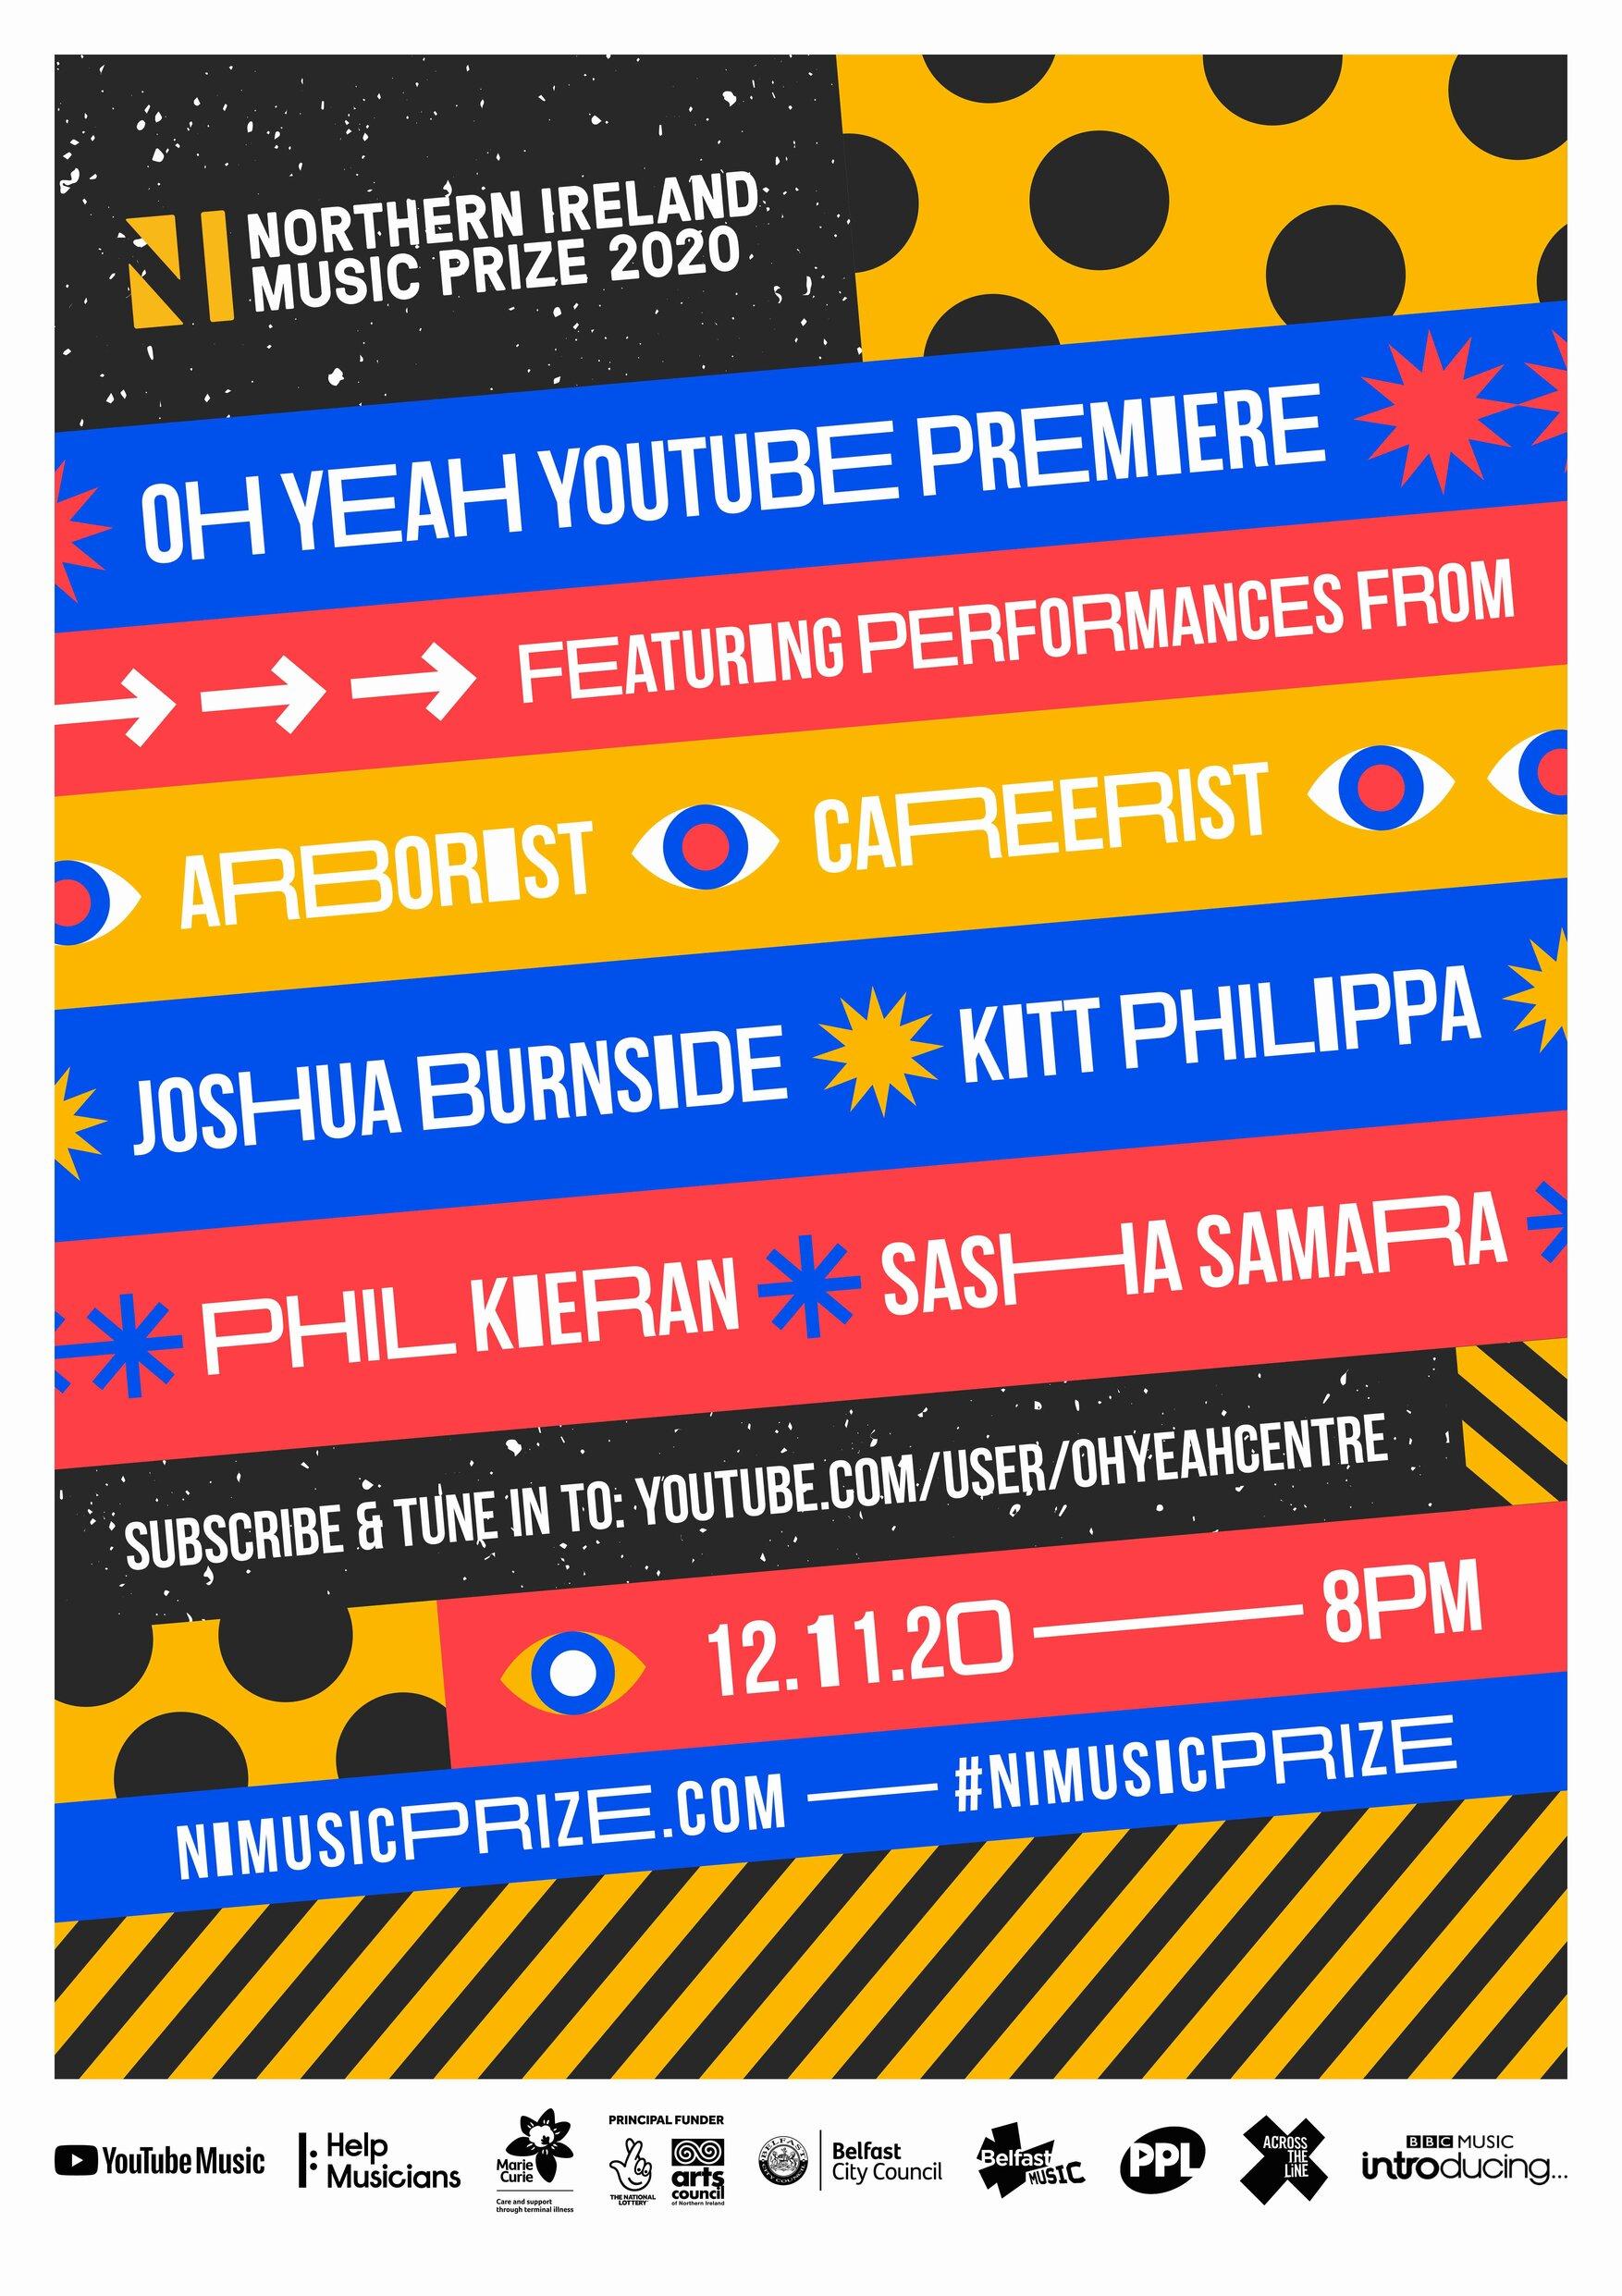 rsz_1ohyeah_nimp2020_event_poster_v2